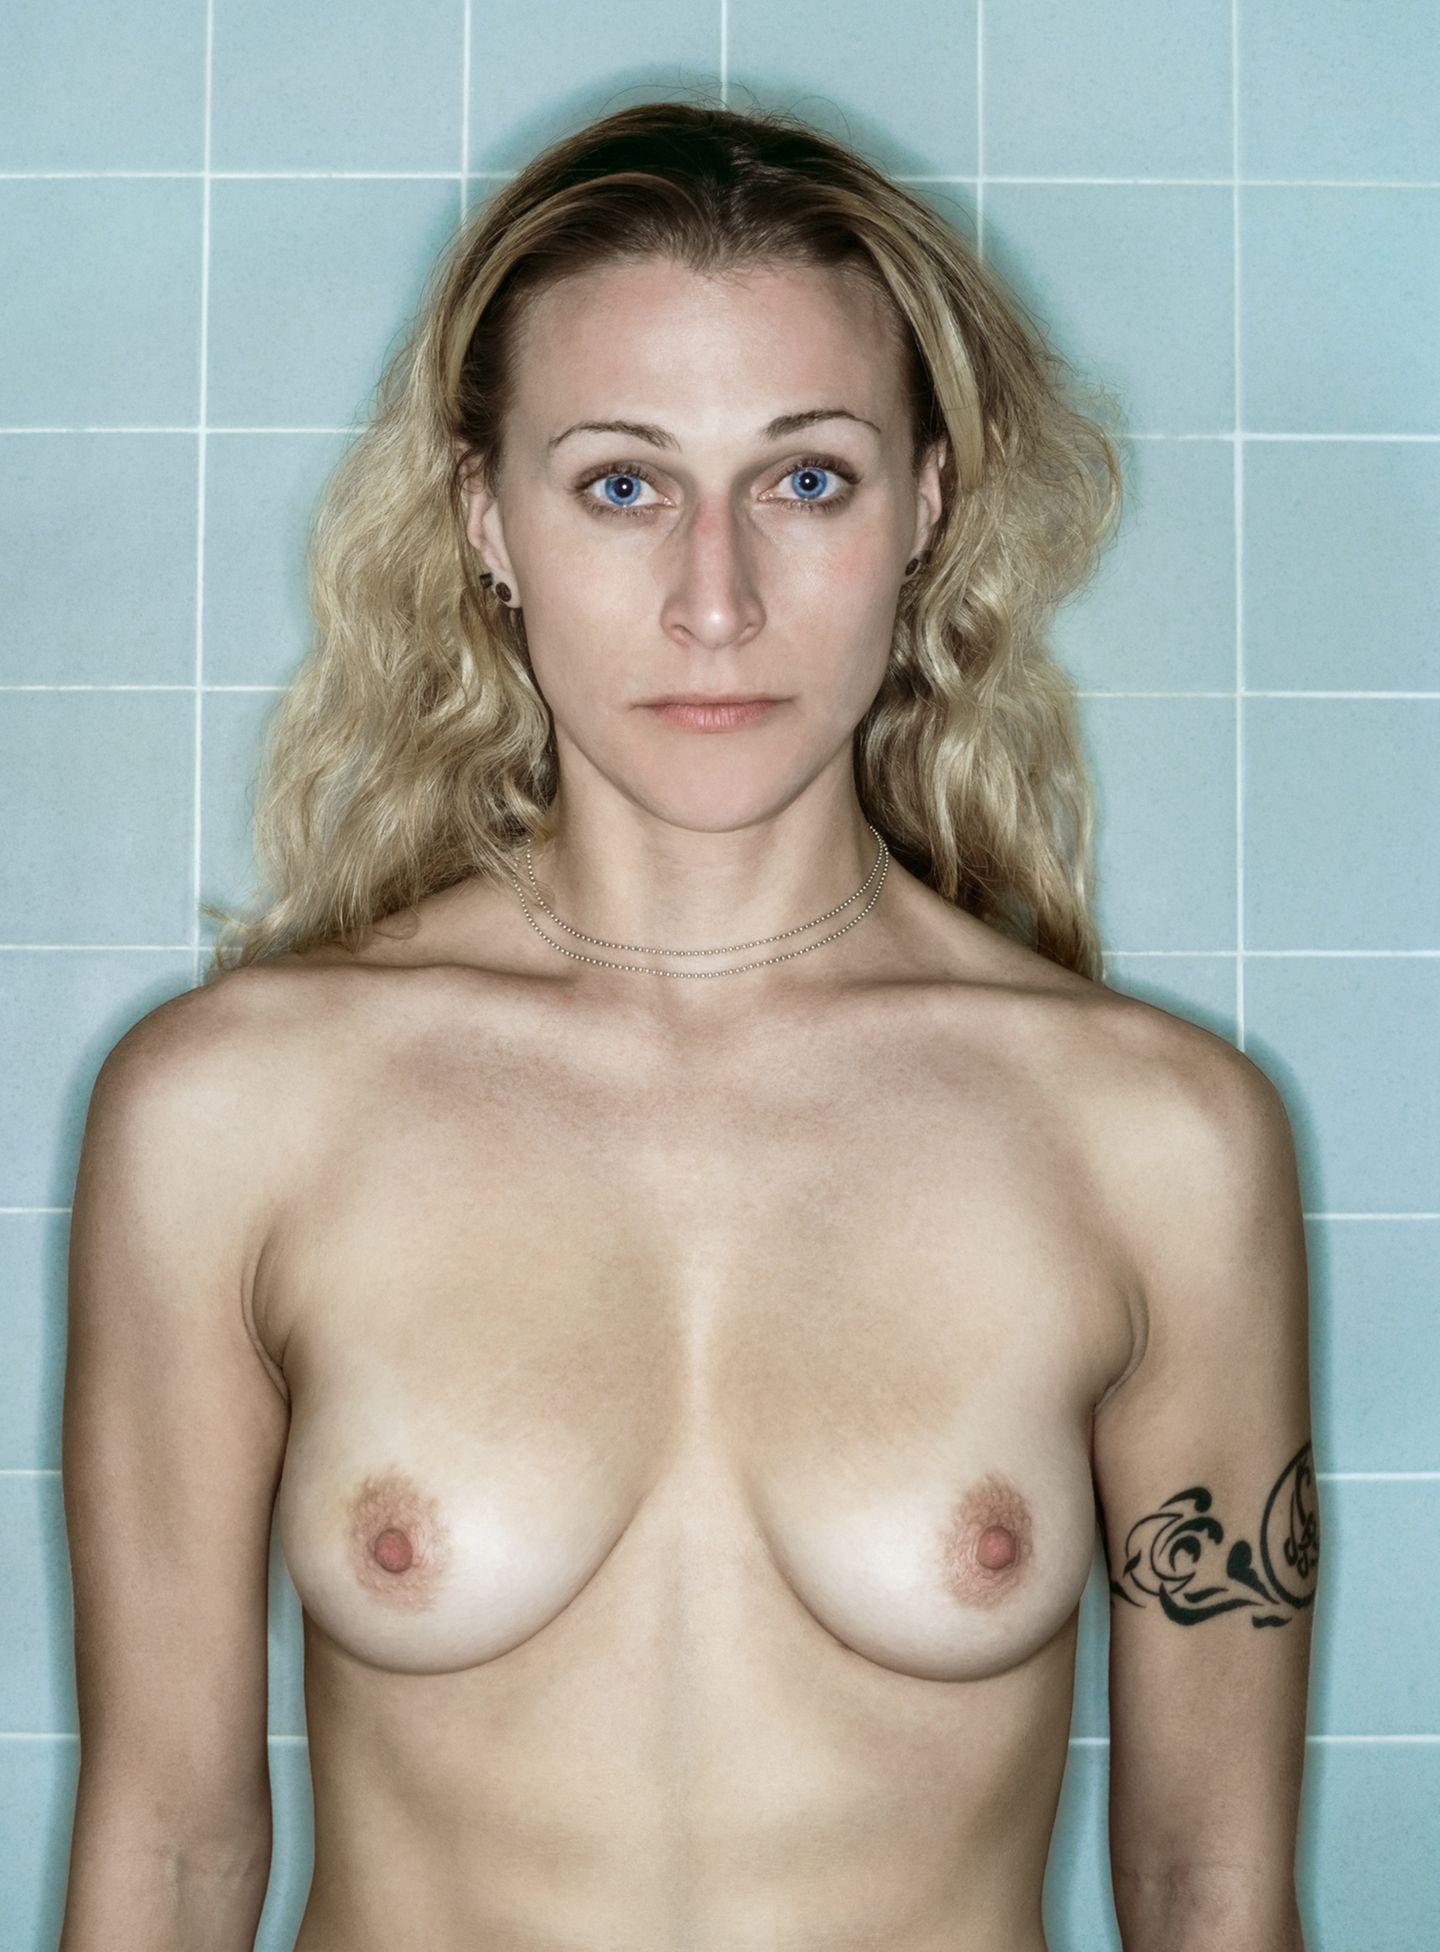 """2005 bekam die Fotografin Kerry Mansfield aus San Francisco die Diagnose: Brustkrebs. Wie damit umgehen? Mansfield wählte den künstlerischen Weg. Sie stellte ihre Kamera im Badezimmer auf, ging mit dem Auslöser in der Hand in ihre Duschkabine und drückte ab. Durch das Fotografieren bekam jeder noch so flüchtige Augenblick etwas Beständiges für Mansfield, Rückschläge eingeschlossen. Anderthalb Jahre dokumentierte sie so ihren qualvollen Weg durch die Therapie. Die kalten, blauen Badezimmerkacheln symbolisieren die Kälte und Sterilität der medizinischen Behandlungsroutine. Atemberaubende Erinnerungen und der Blick nach vorn Nach einer erfolgreichen Behandlung inklusive Brustamputation entschloss sich Kerry Mansfield 2007, ihre Fotos zu veröffentlichen. Ein Entschluss, den sie immer ein wenig bereute. Beim Betrachten der Fotos legt sich ein Gefühl über sie, das sie als den """"dunklen Schleier der Chemo"""" beschreibt und ihr den Atem raubt. Doch durch die Veröffentlichung der Fotoserie wurde sie bekannter, schuf weitere, auch sozial-kritische Arbeiten, die umjubelt wurden. Daneben schrieb sie Bücher. Durch """"Aftermath: Battling Breast Cancer"""" hat die Fotografin gelernt, auf den Bildern die Frau zu sehen, mit der sie sich auch im Hier und Jetzt identifizieren kann. Sie sagt: """"Alles in allem bin ich eine glückliche Person."""""""